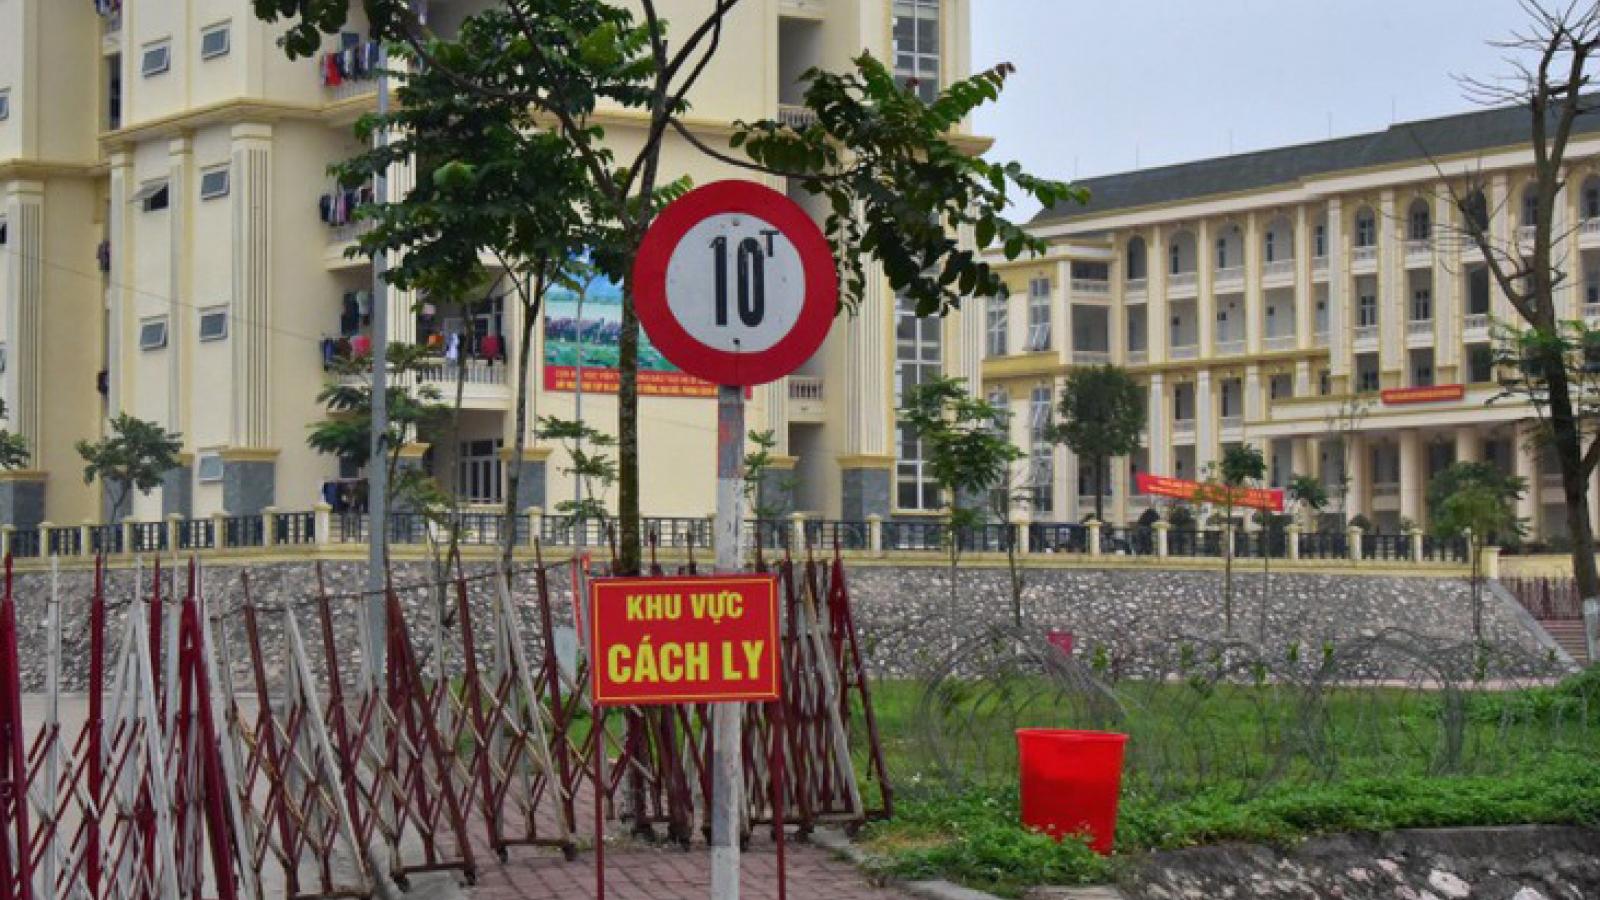 Gần 1.000 người từ Đà Nẵng, Quảng Nam về cách ly tại Trường Quân sự Thủ đô